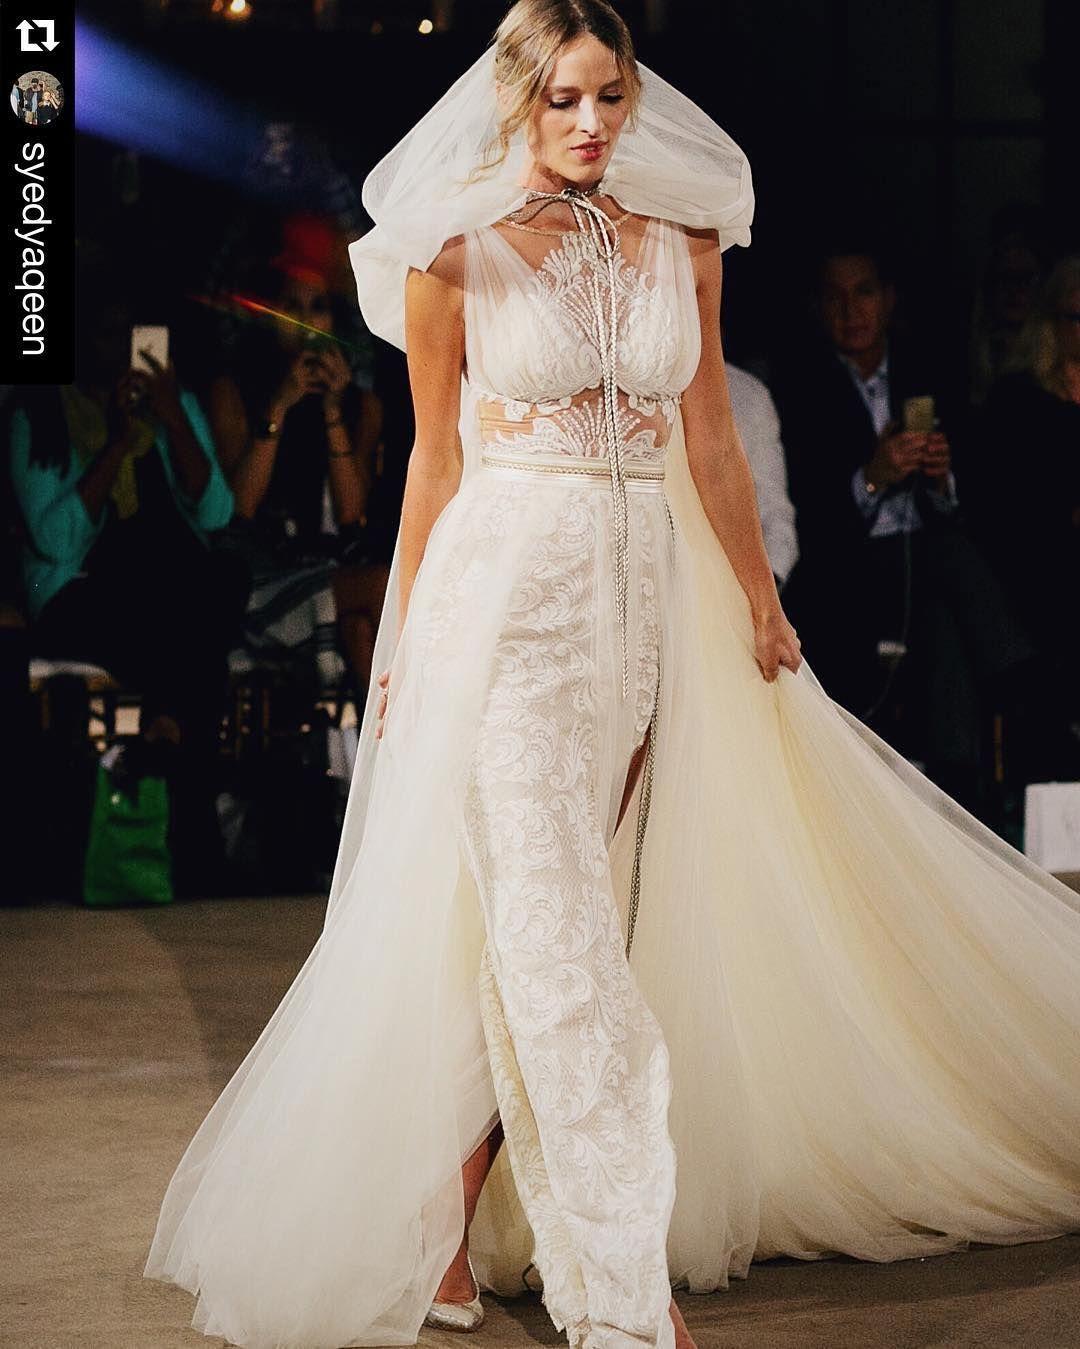 @galialahav at #NYBFW in @nypl  photographer @syedyaqeen #headpiece @millelacouture  #galialahav #millelacouture #galialahavbridal #bridalweek #bridalmarket #nybridalweek #bridalfashion | #synybfw | #fashionweek #fashion #bridalfashion #bridalblogger #fashionblogger #vsco by nybfw